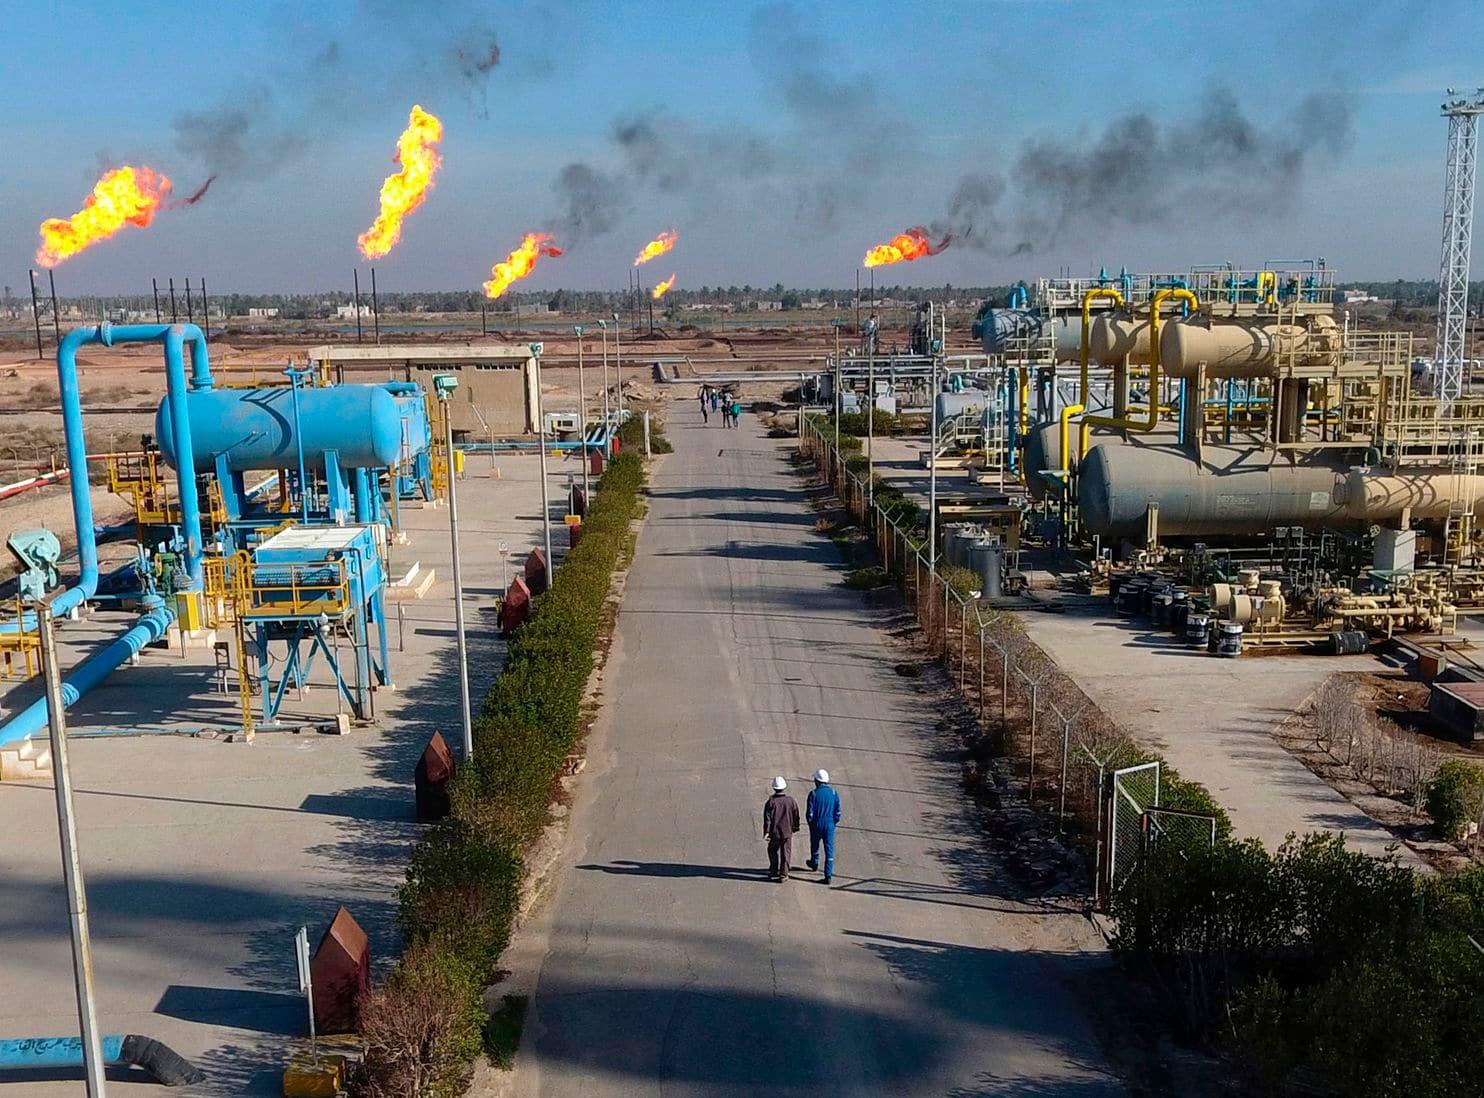 بەبڕی ٥۳ملیاردینار اکسۆن موبیل وەبەرهێنان لە کەرتی نەوتی عراقدا دەکات